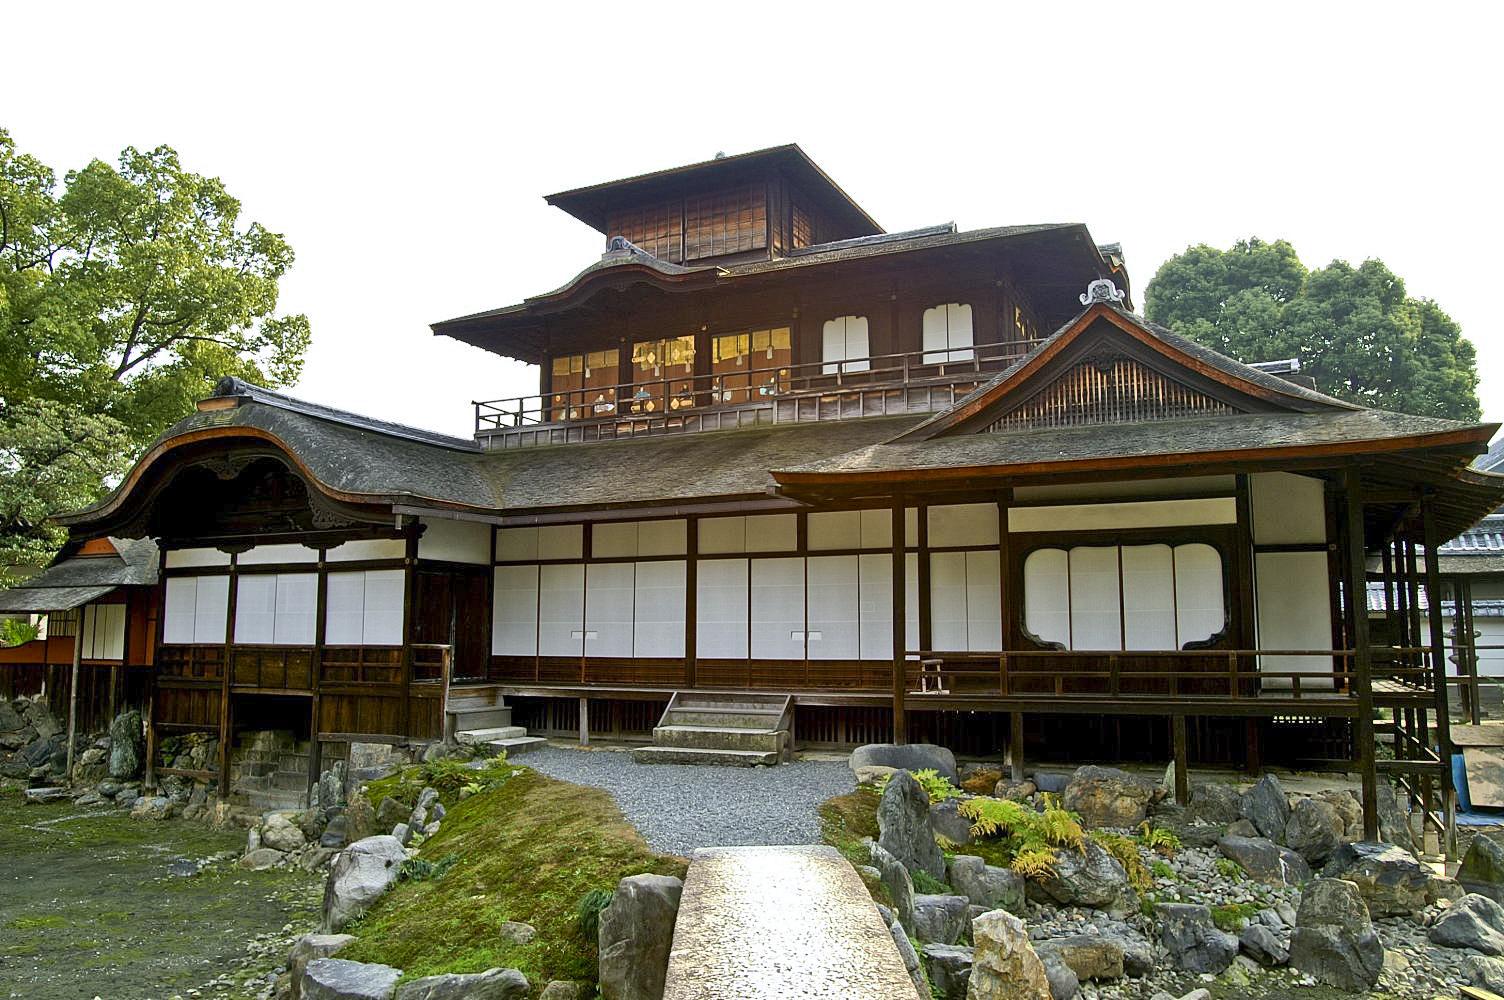 File:Hiunkaku Nishi Honganji.jpg - Wikimedia Commons